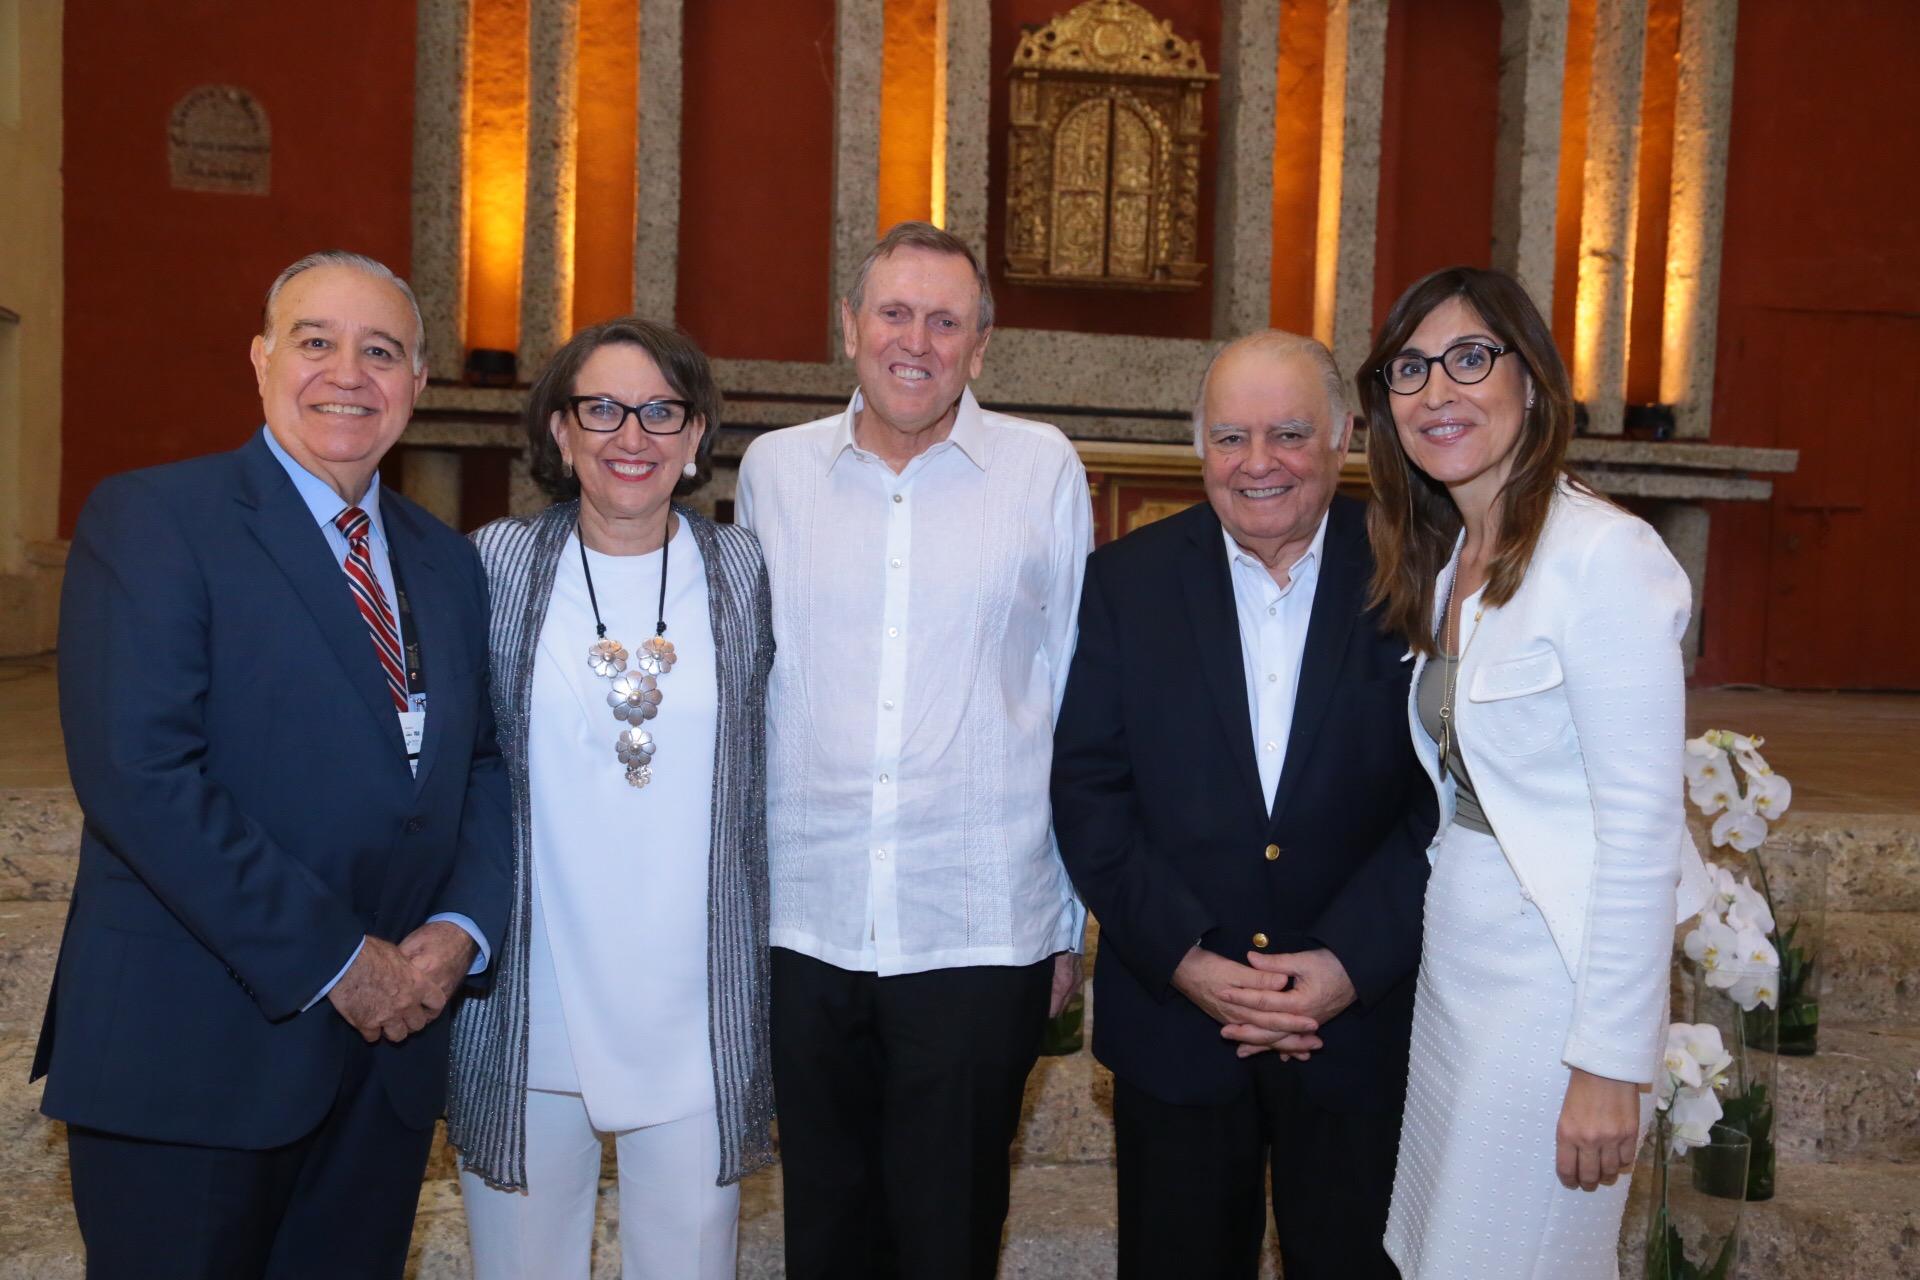 El CEAL Ibérico homenajea a los galardonados del Premio Enrique V. Iglesias en Cartagena de Indias